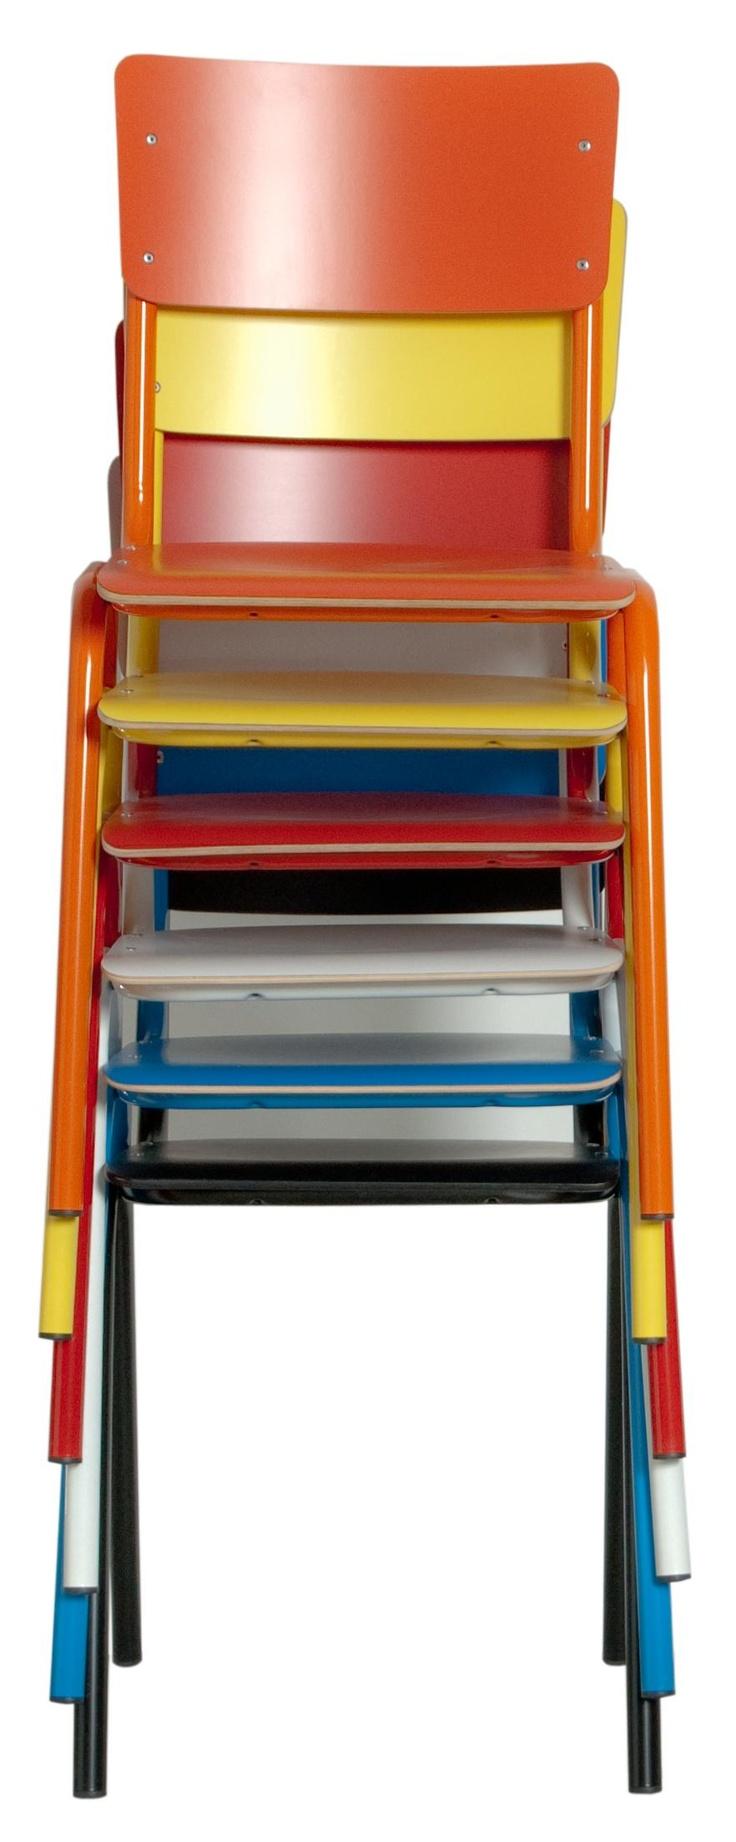 Meer dan 1000 ideeën over Oranje Stoelen op Pinterest - Stoelen ...